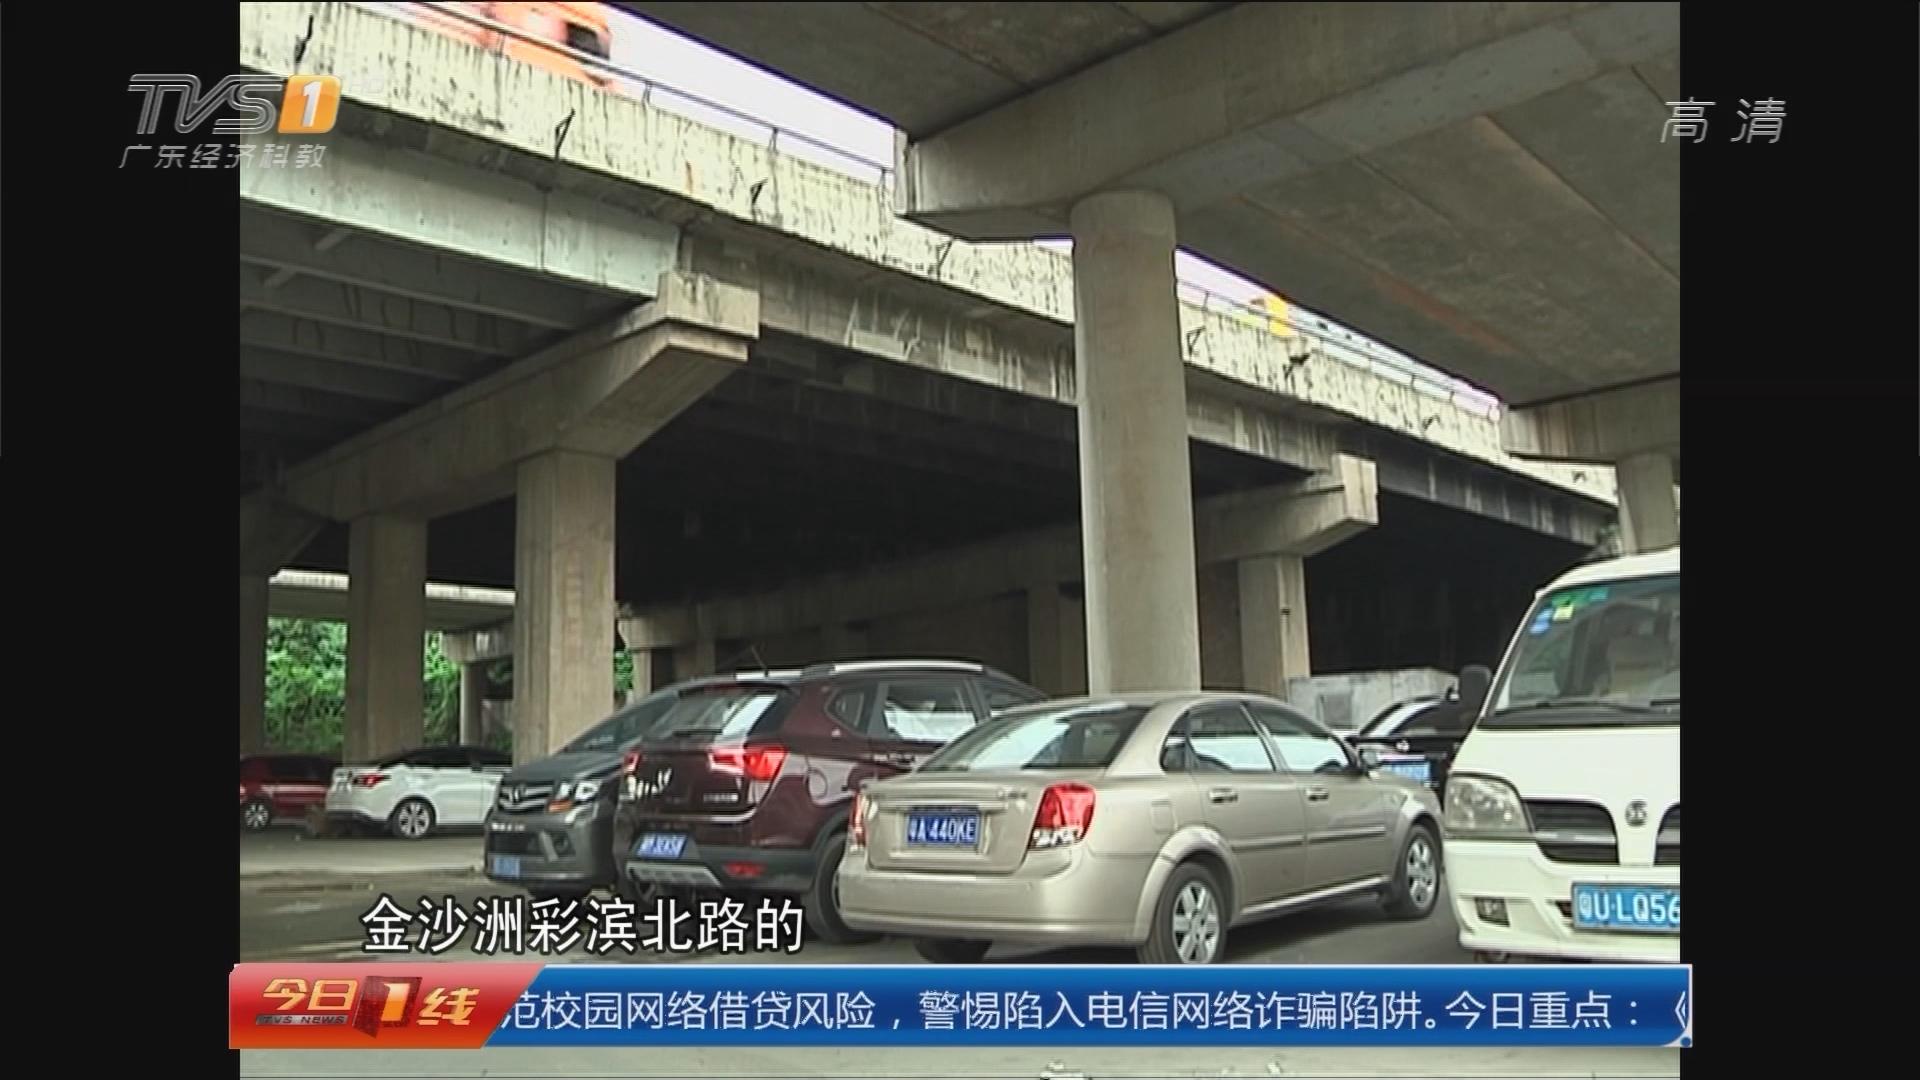 广州:一夜之间 16车遭砸窗盗窃